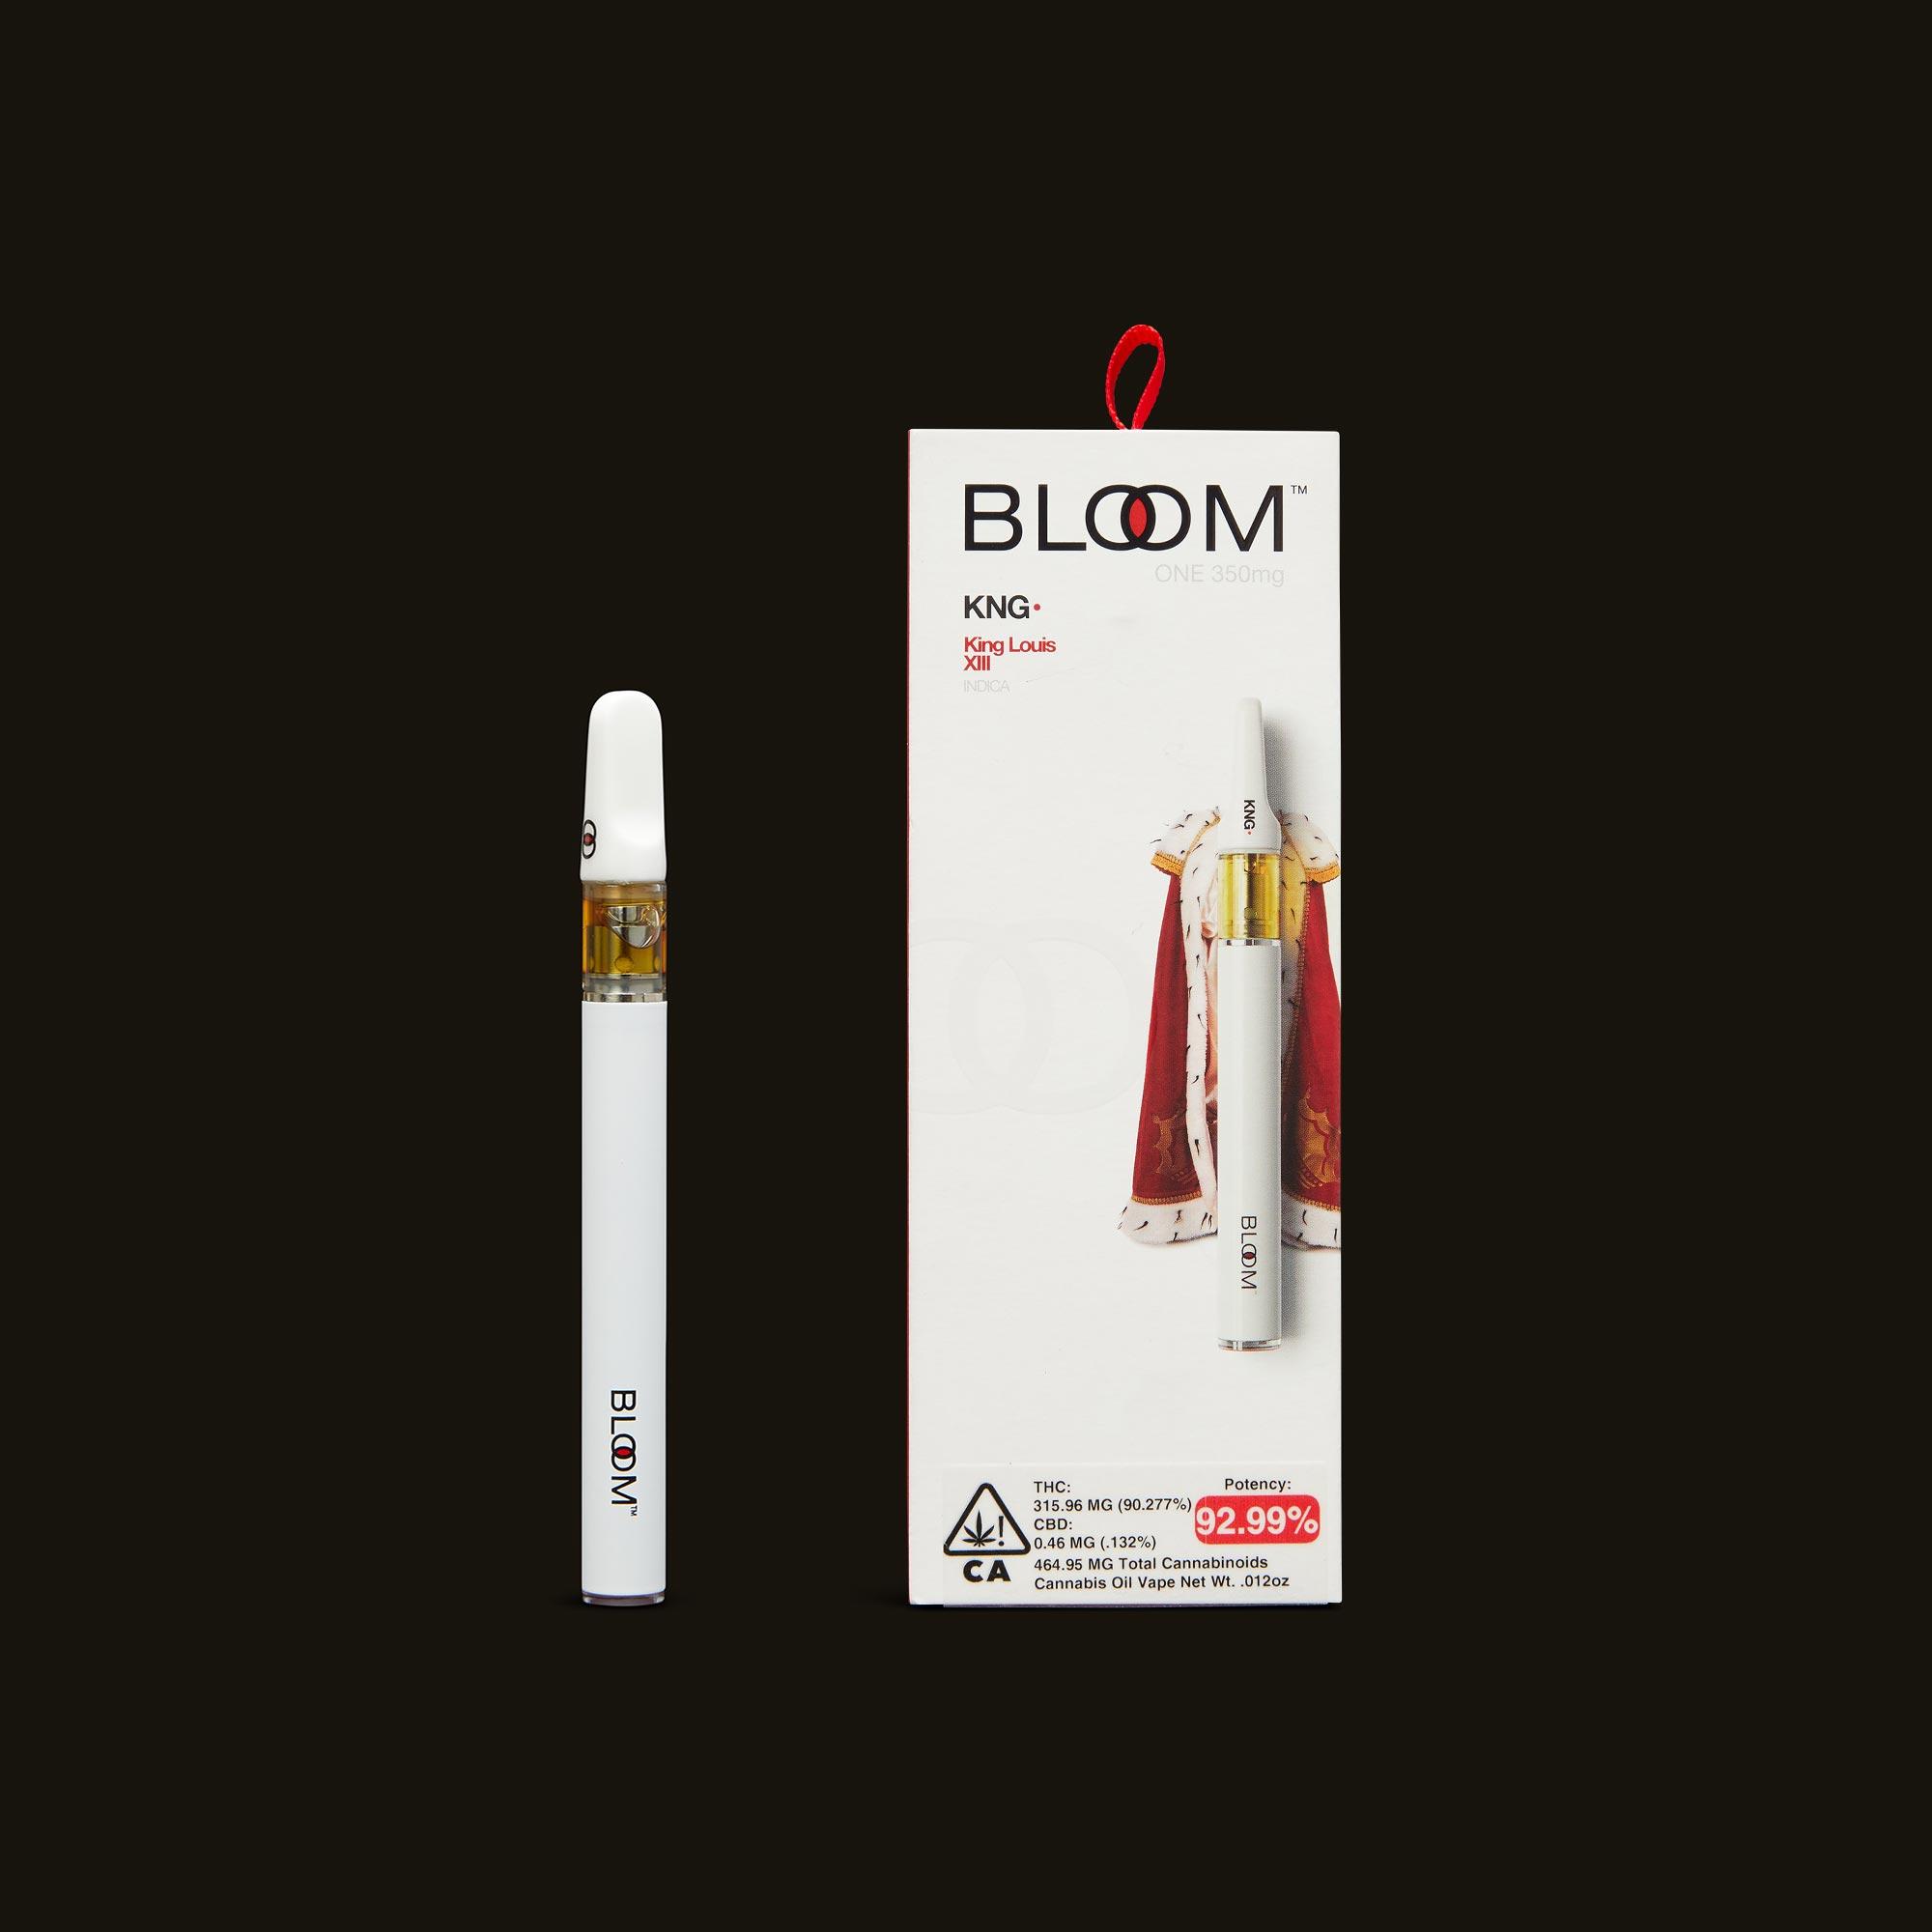 Bloom Brands King Louis XIII Bloom One